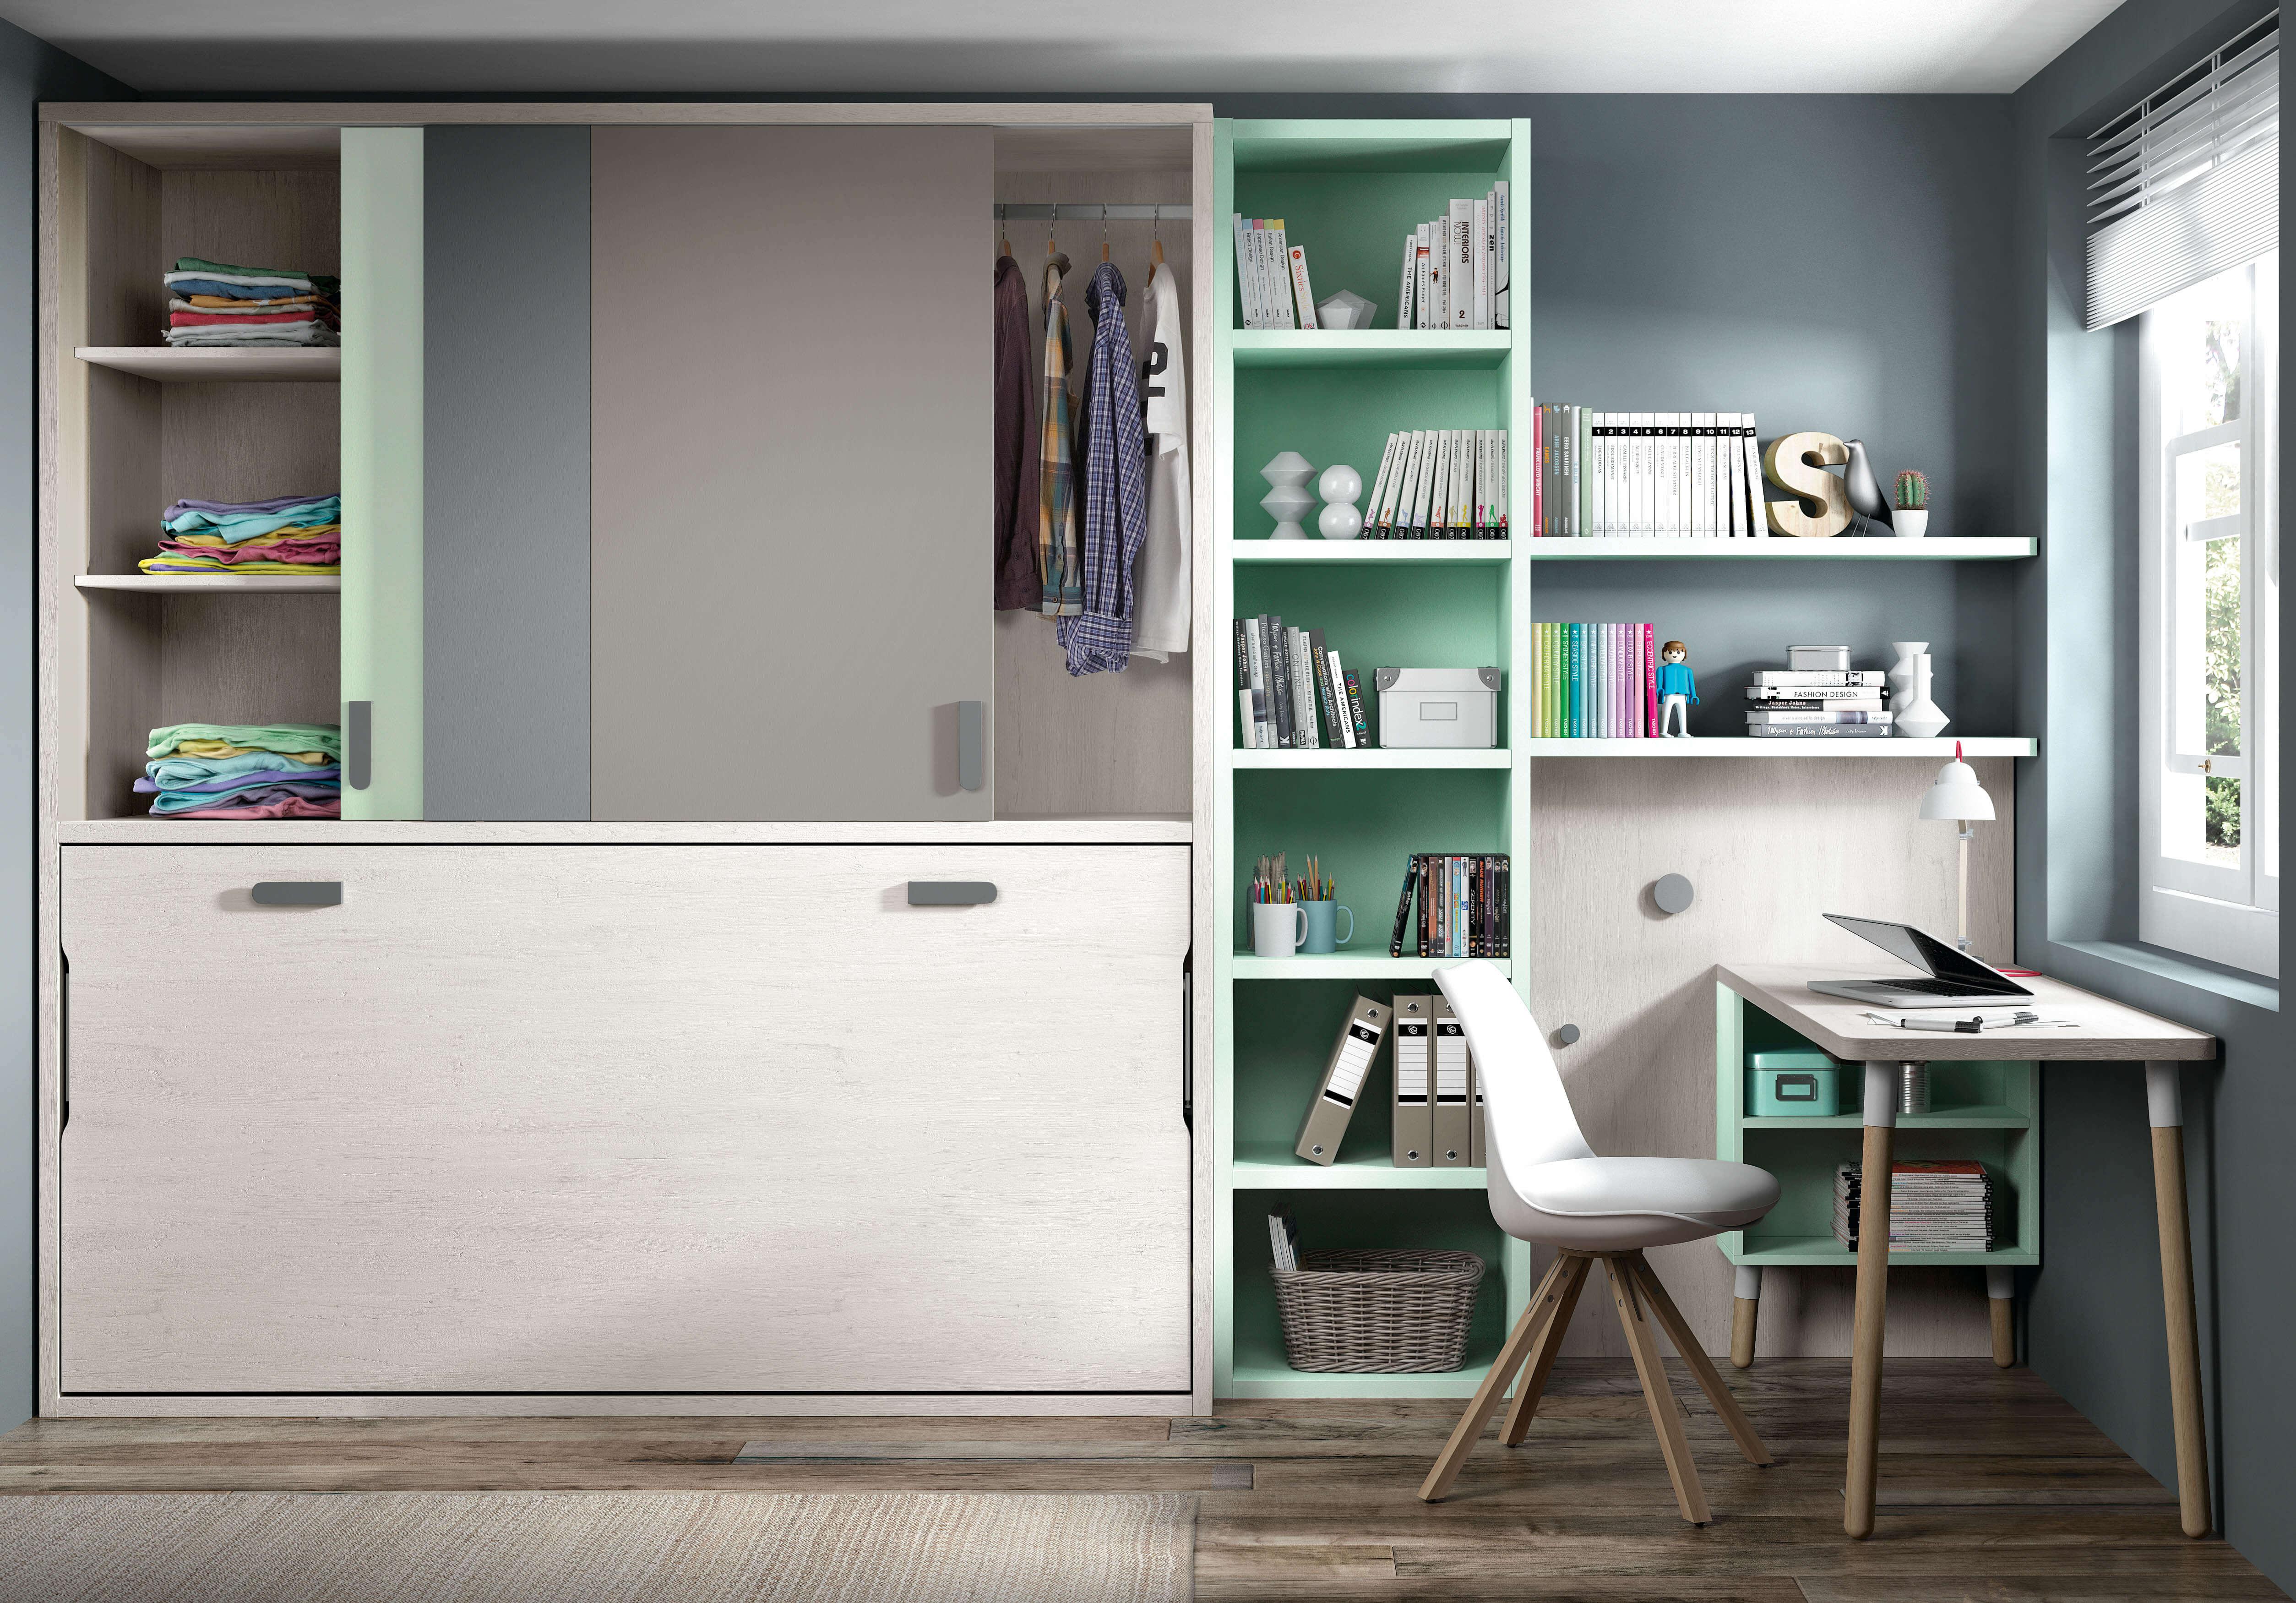 Habitaciones juveniles dormitorio juvenil camas abatible - Habitacion juvenil cama abatible ...